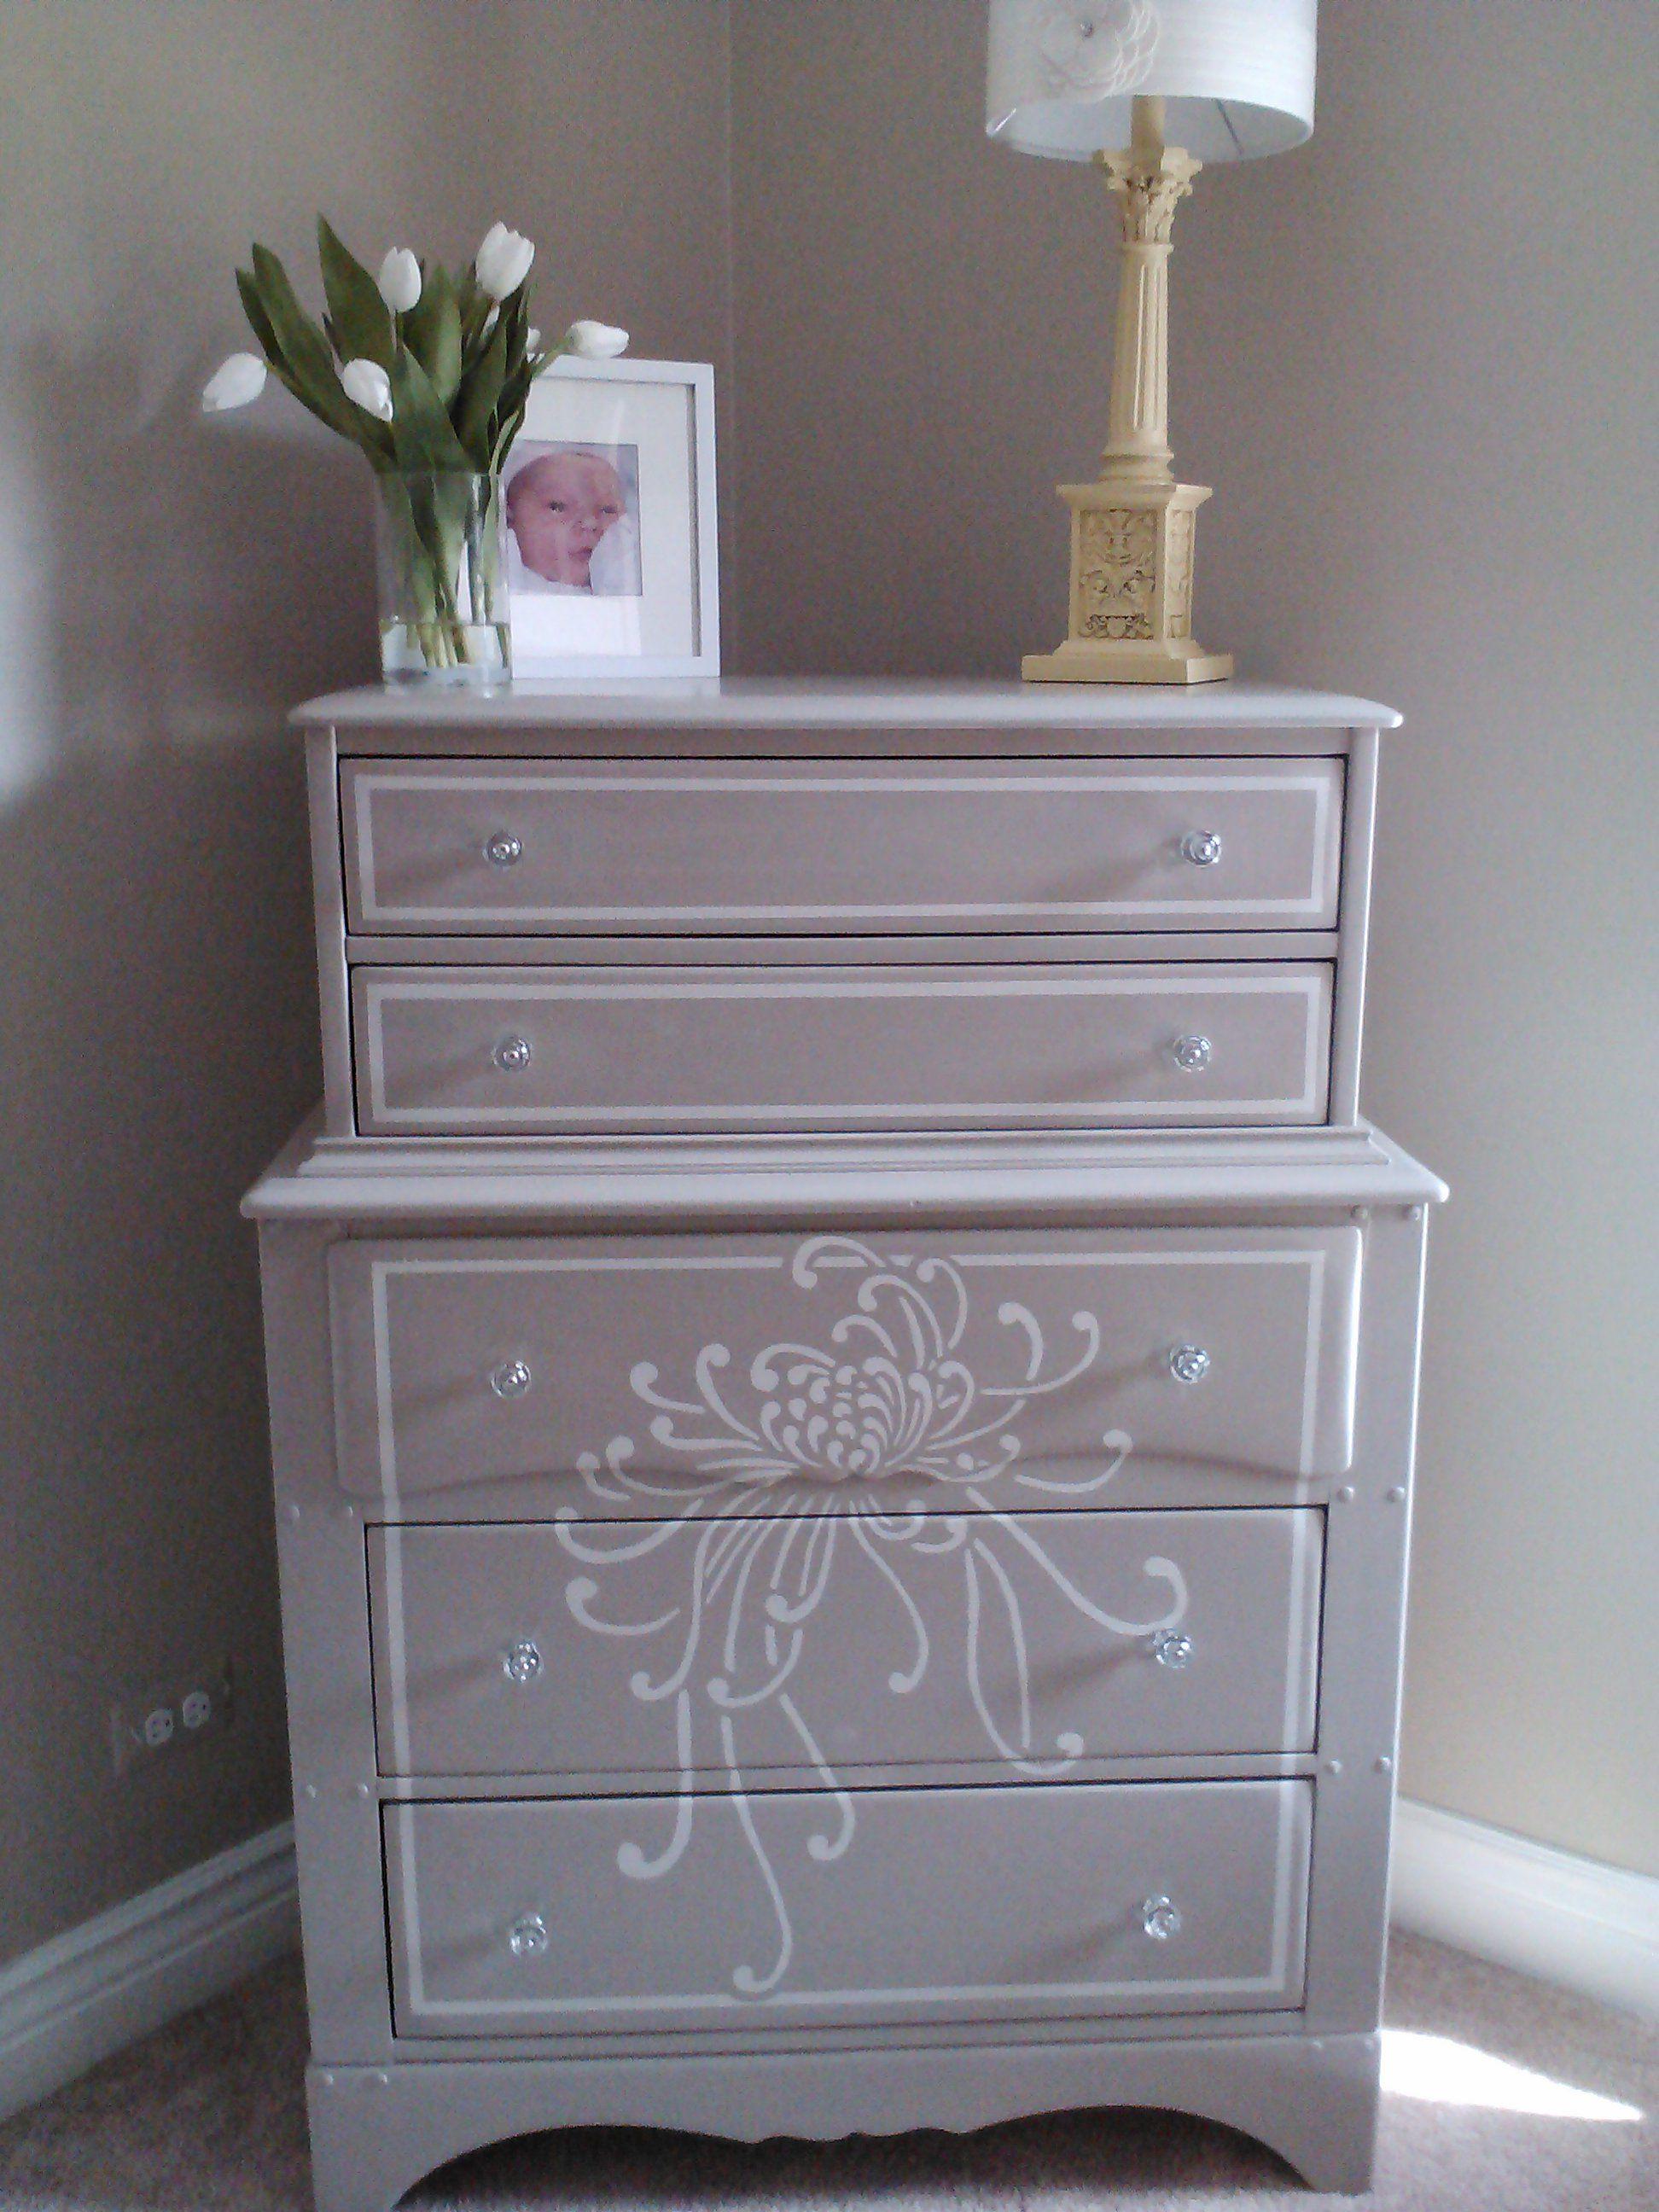 Weathered Vintage Teal Gray Dresser Dresser Design Bedroom Dressers Cool Rooms [ 2703 x 4055 Pixel ]